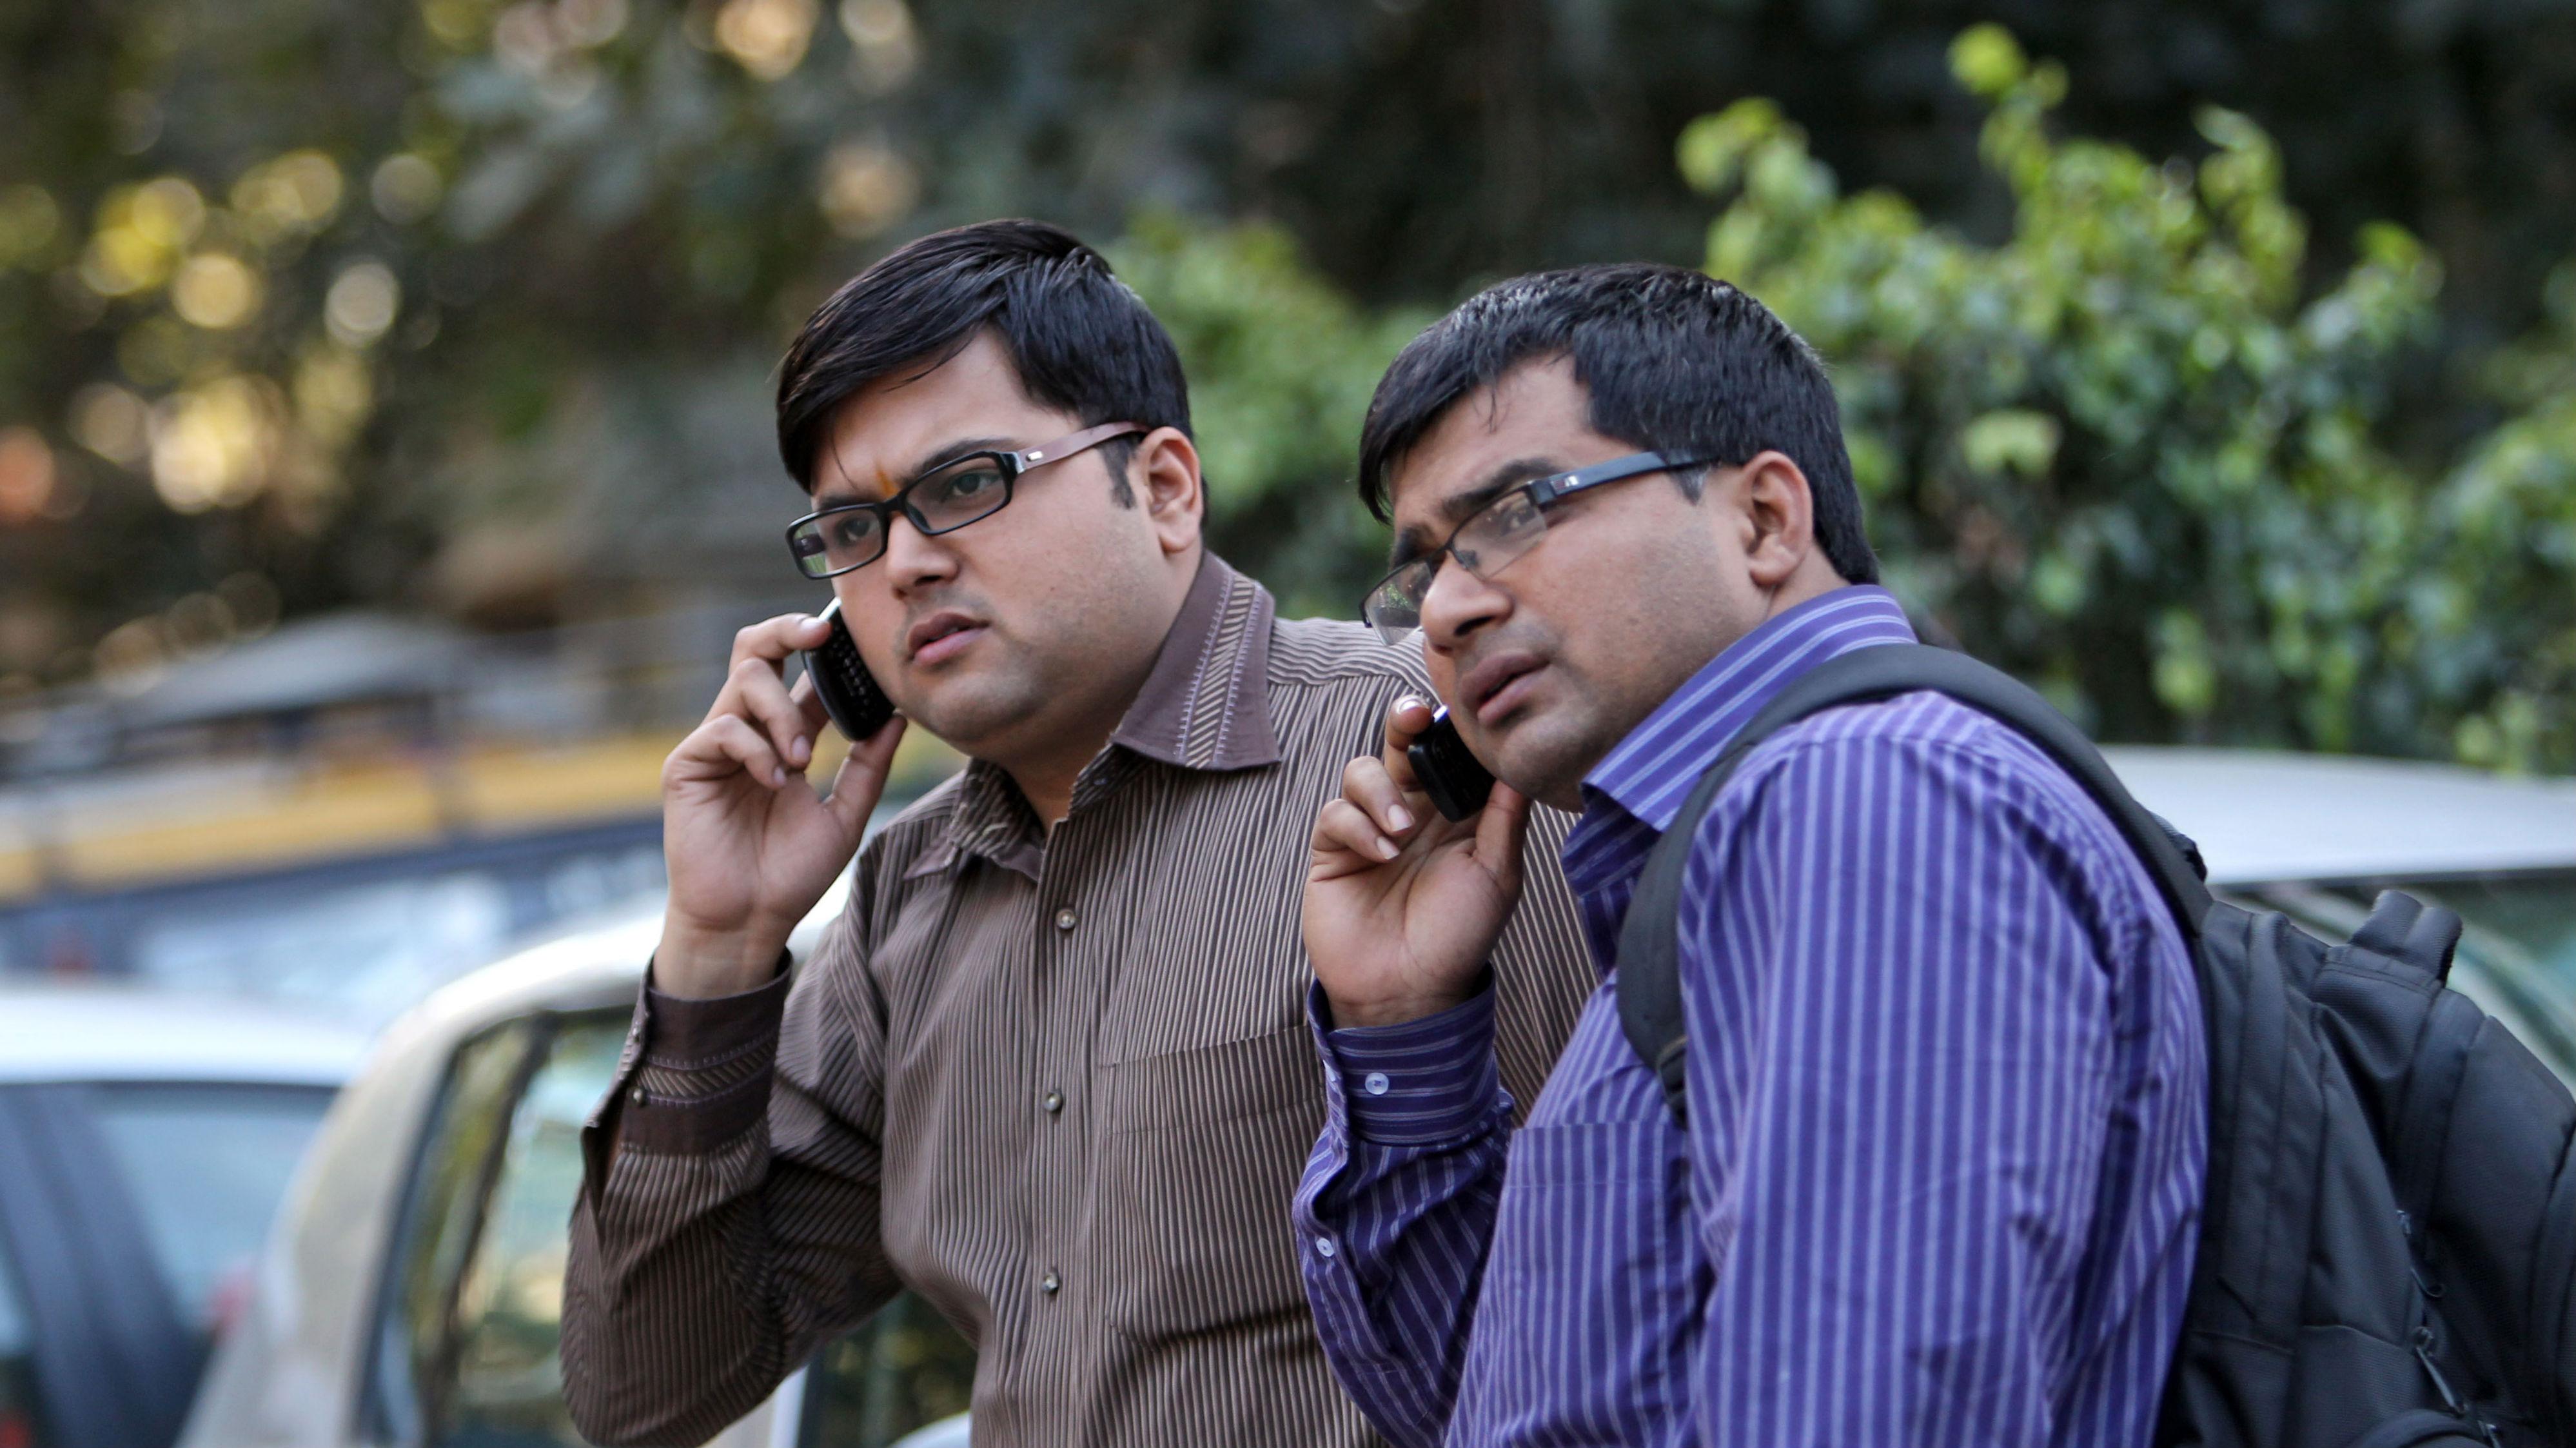 indian men on phones